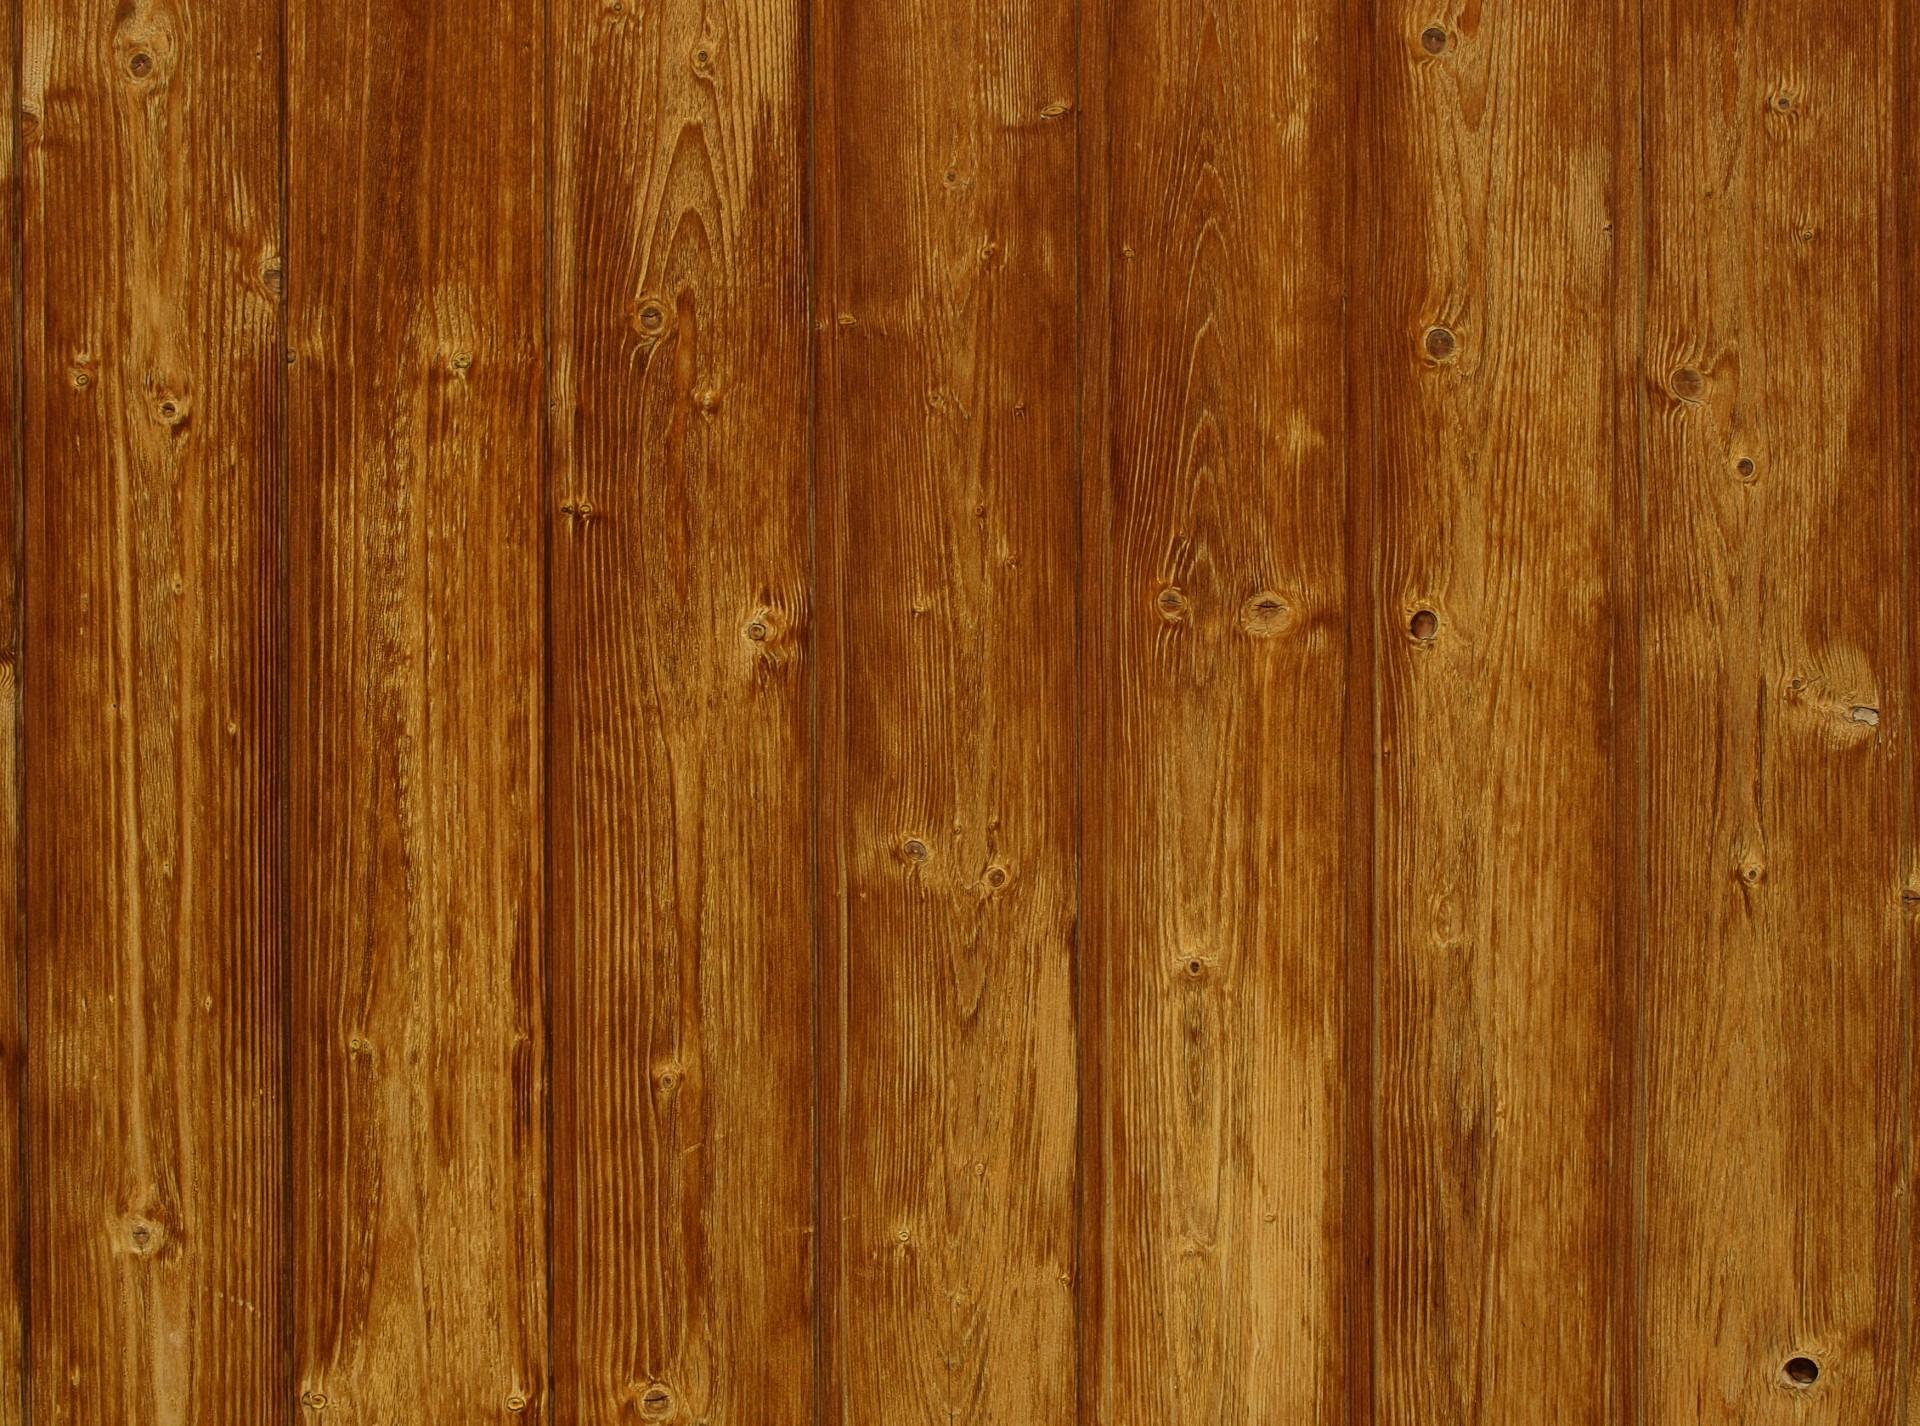 Fotos gratis : cerca, cubierta, tablero, suelo, textura, tablón ...